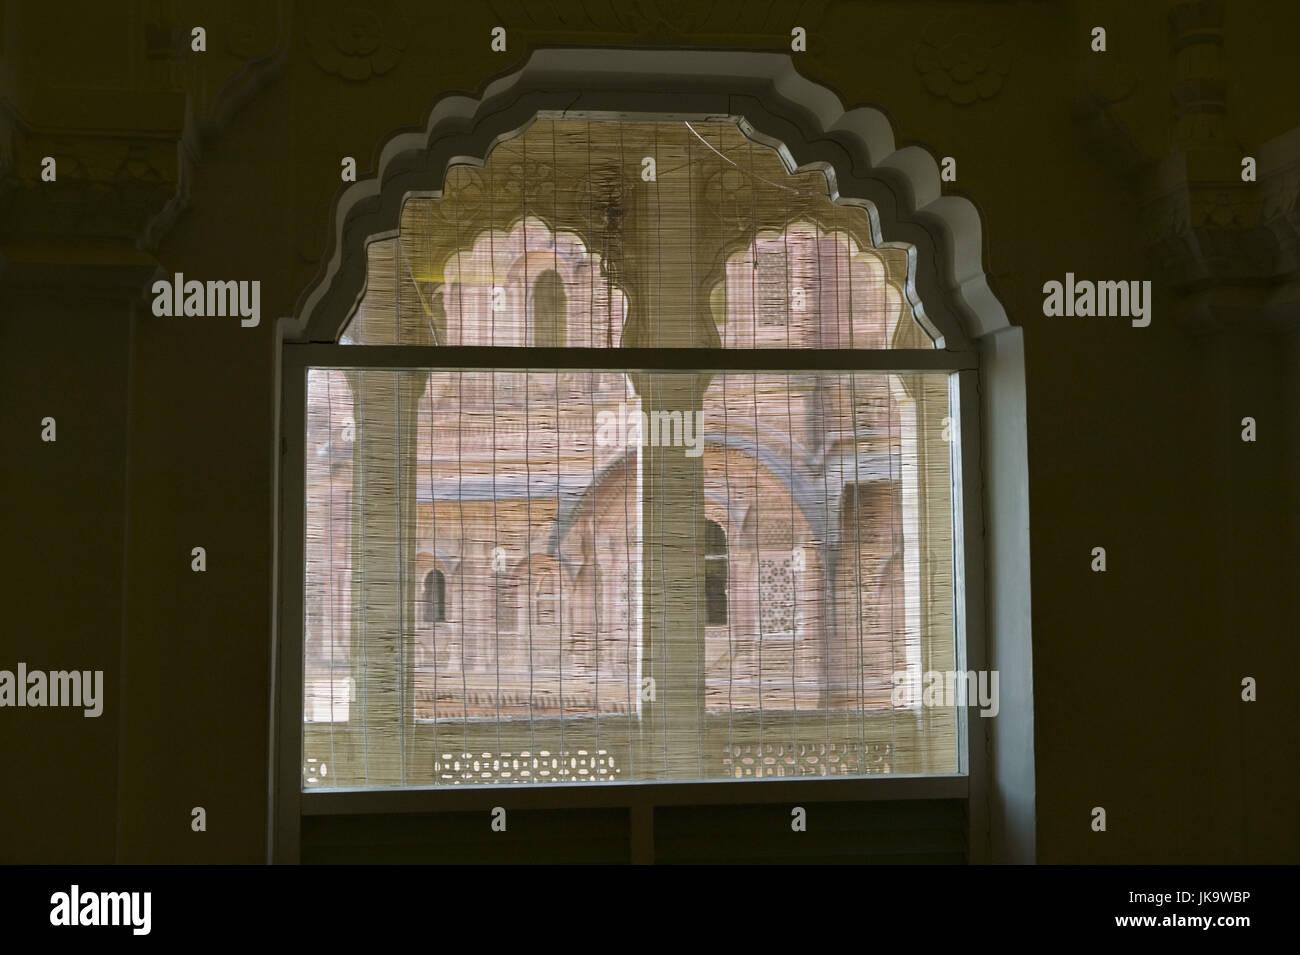 Indien, Rajasthan, Jodhpur, Meherangarh Fort, Fenster, Detail, Asien, Südasien, Reiseziel, Sehenswürdigkeit, Stockbild